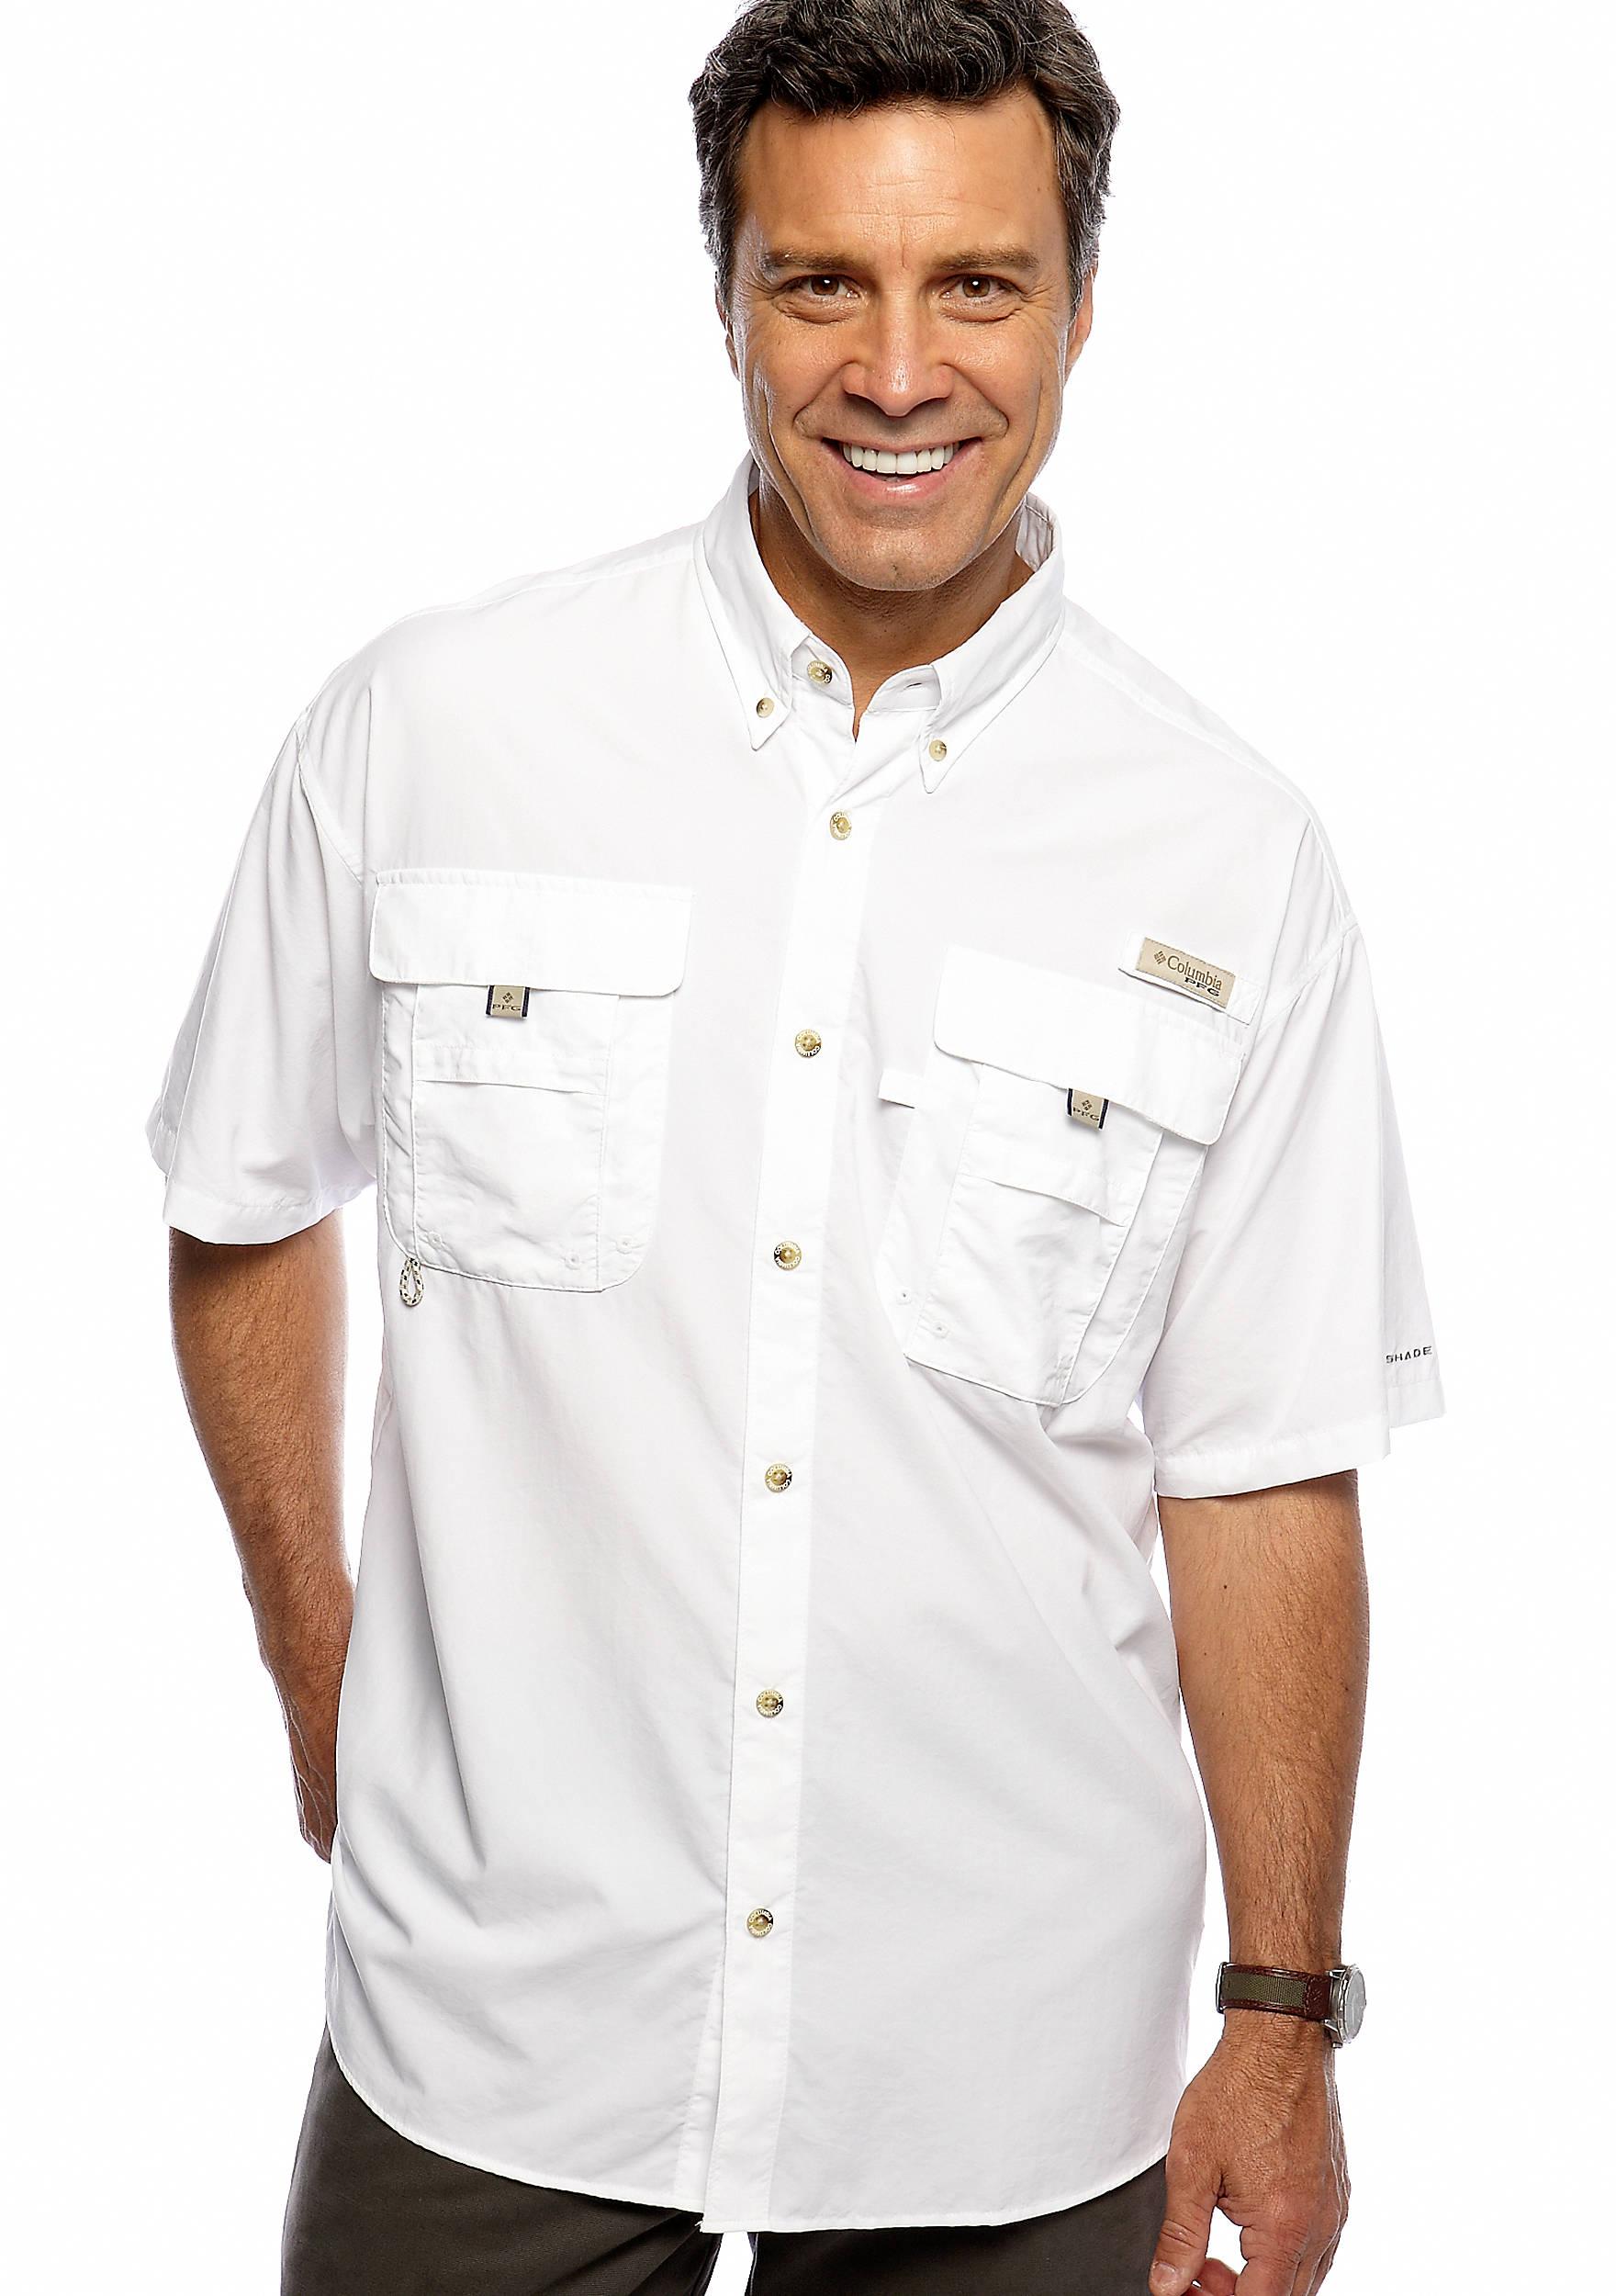 Columbia PFG Bahama™ II Short Sleeve Shirt | belk